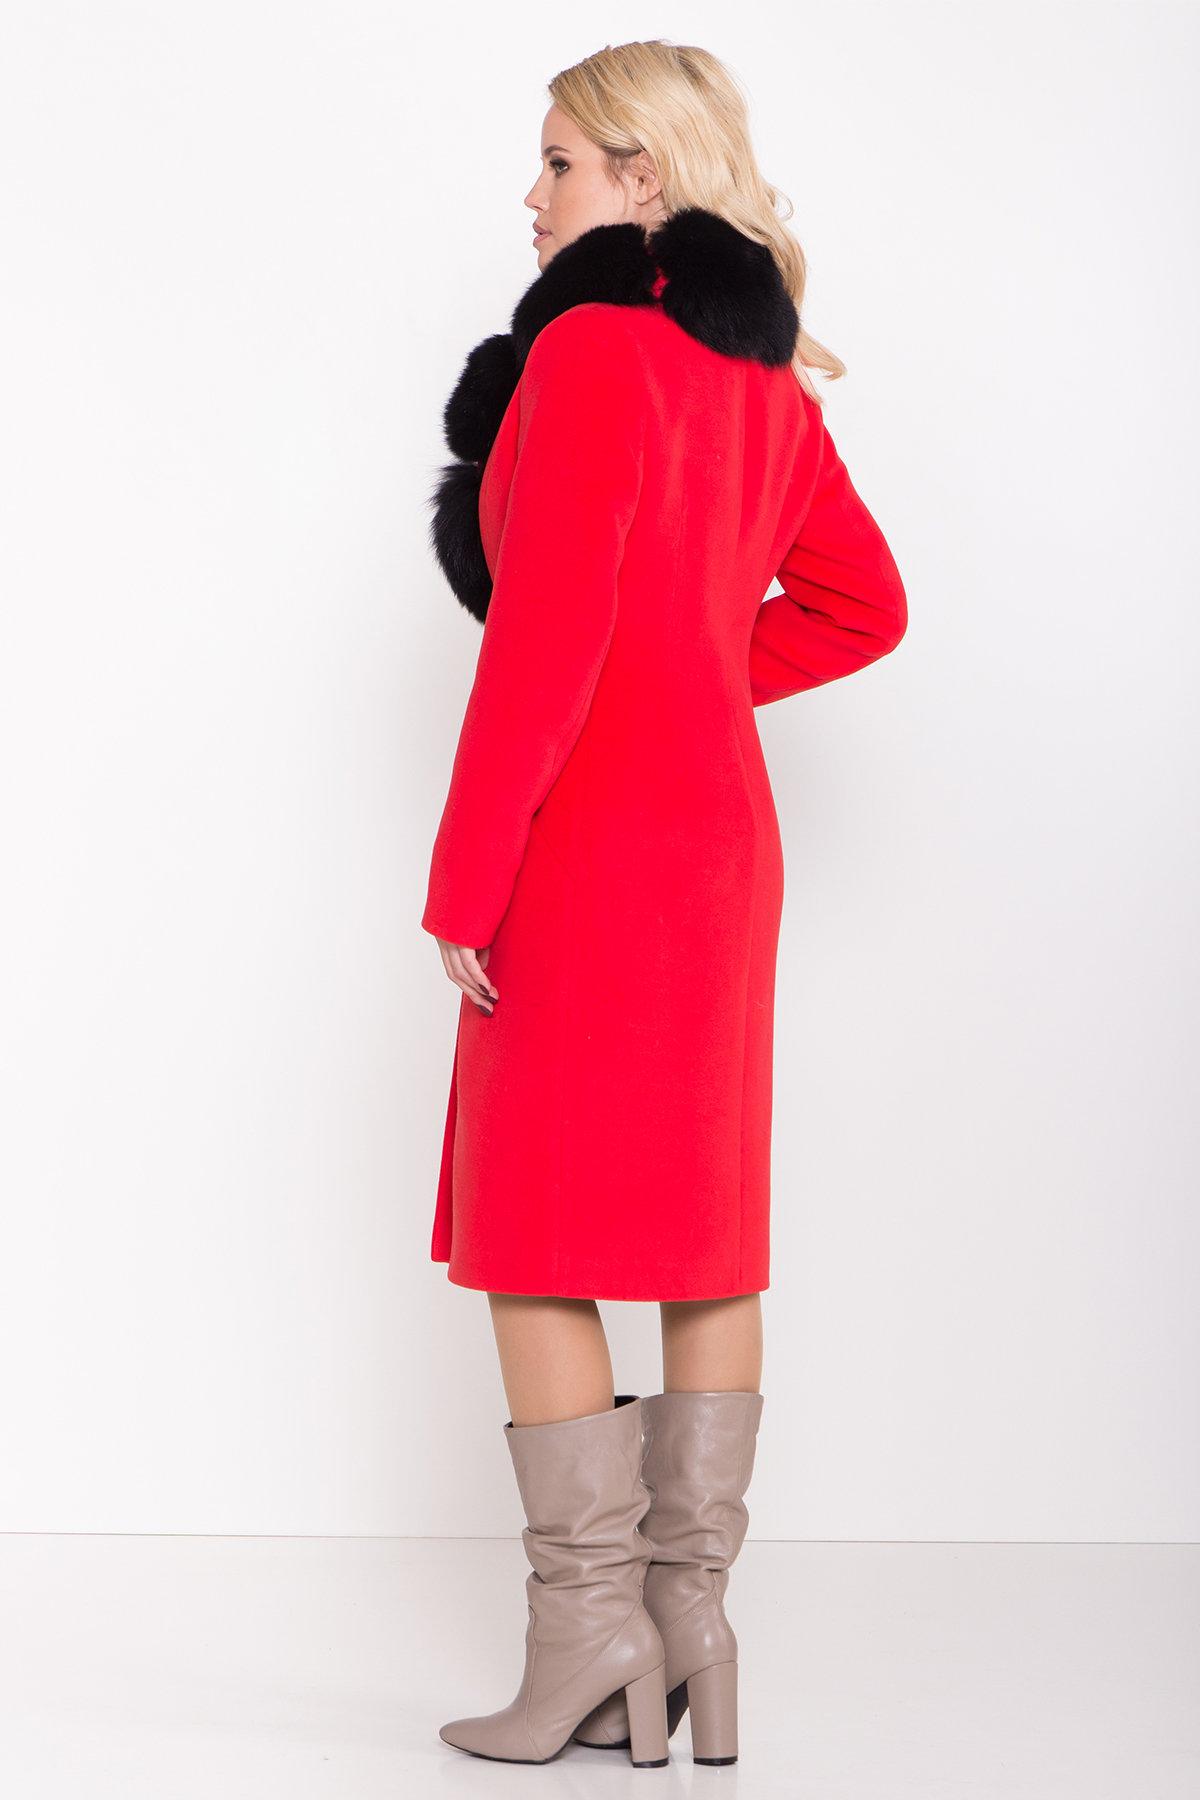 Зимнее пальто с меховым воротником Кареро 8439 АРТ. 44695 Цвет: Красный - фото 4, интернет магазин tm-modus.ru